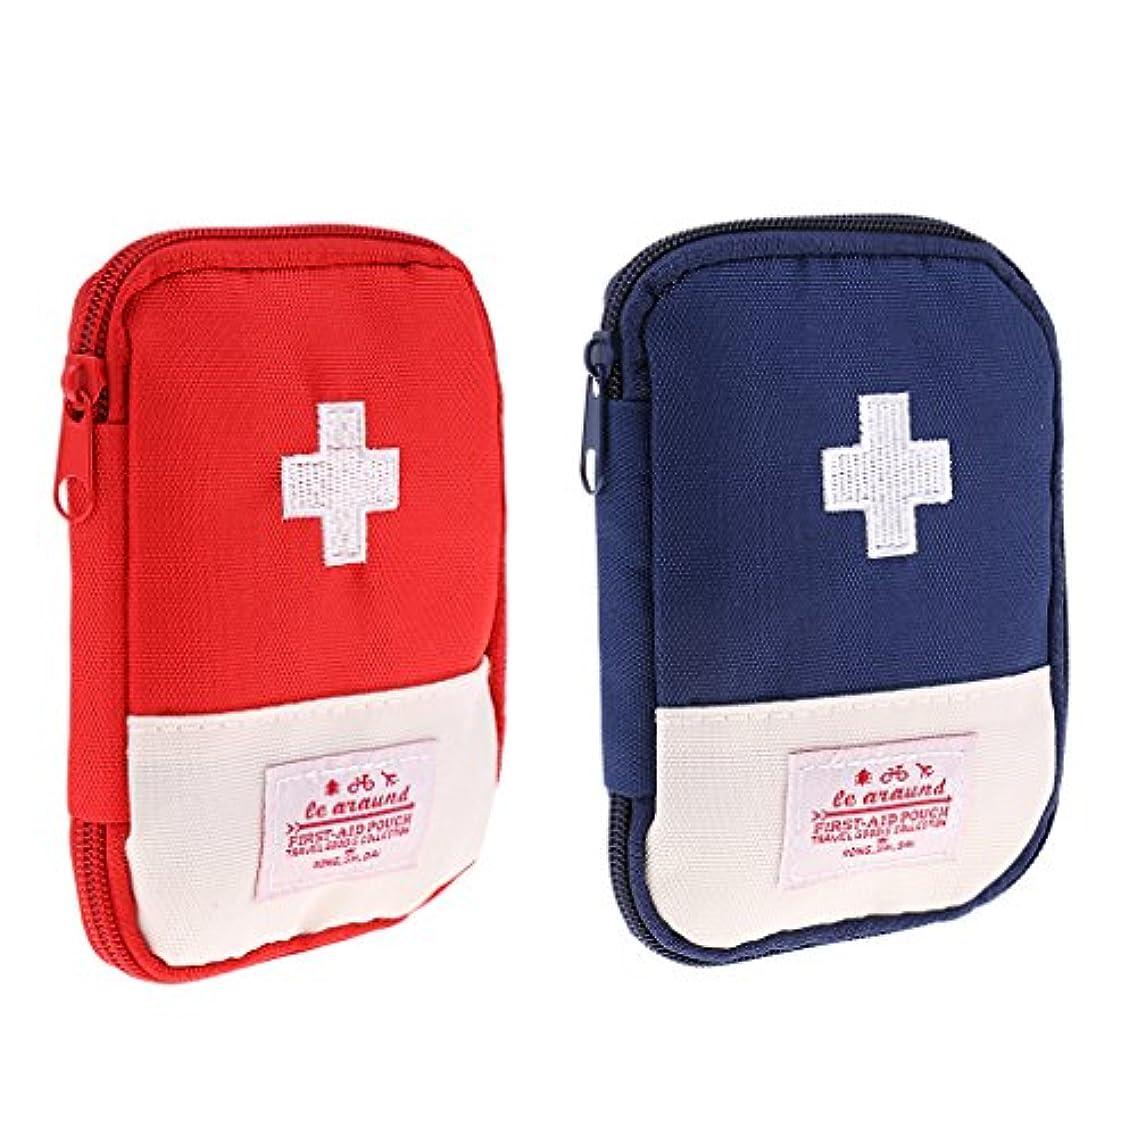 冒険者入力急襲IPOTCH 2個 応急処置袋 パック 旅行 保管袋 応急救急用 ピルバッグキット